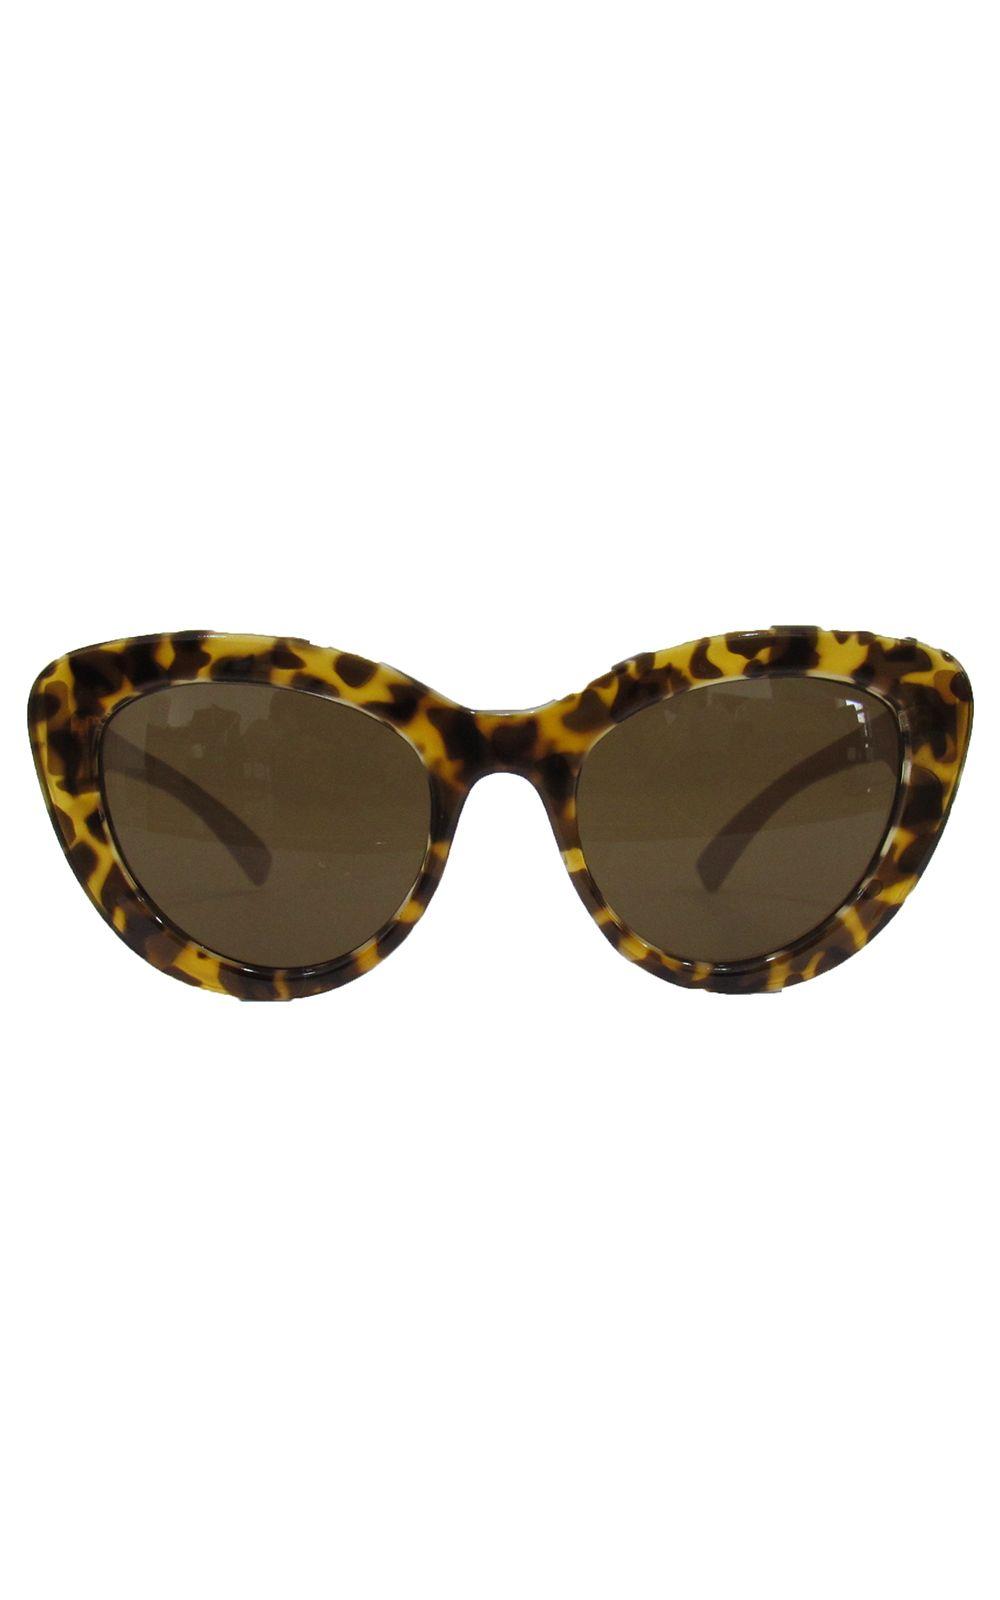 8f0a32b986038 Óculos Gatinho Grande Tartaruga. undefined